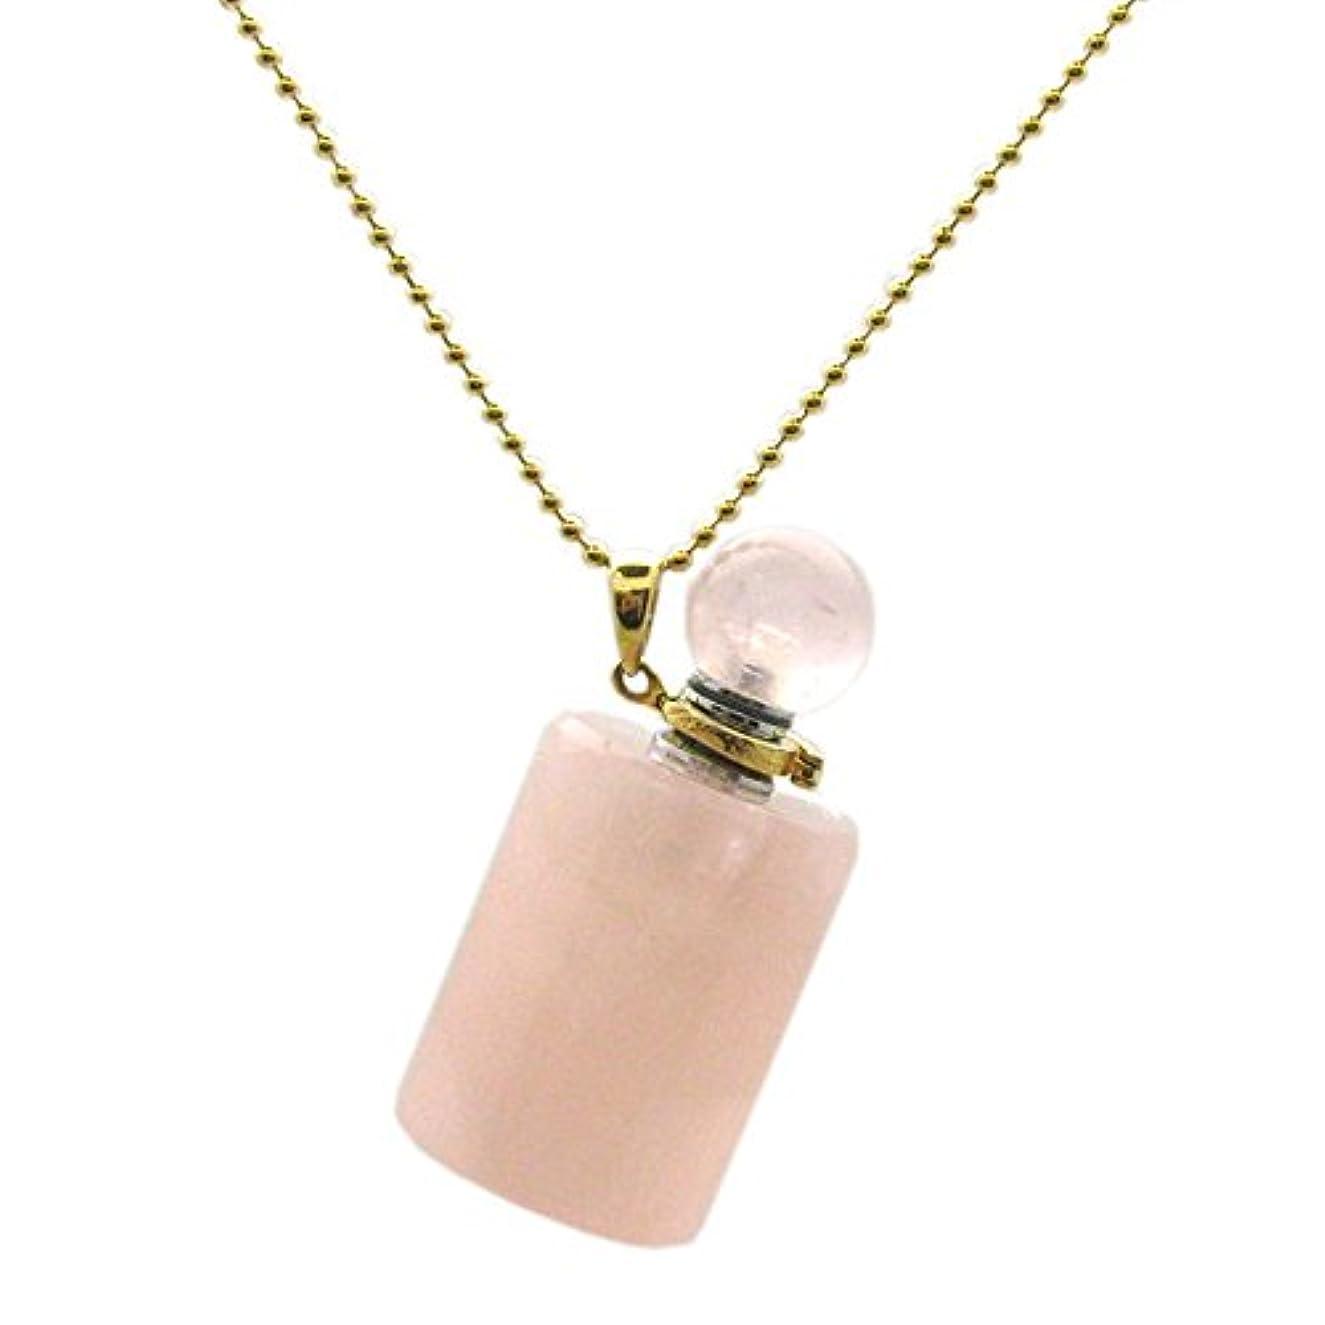 羊の野心常習的ケイトAvenue Gold over Sterling Silver Gemstone Aromatherapy Essential Oil Diffuserネックレス、香水とMosquito Repellentネックレス...